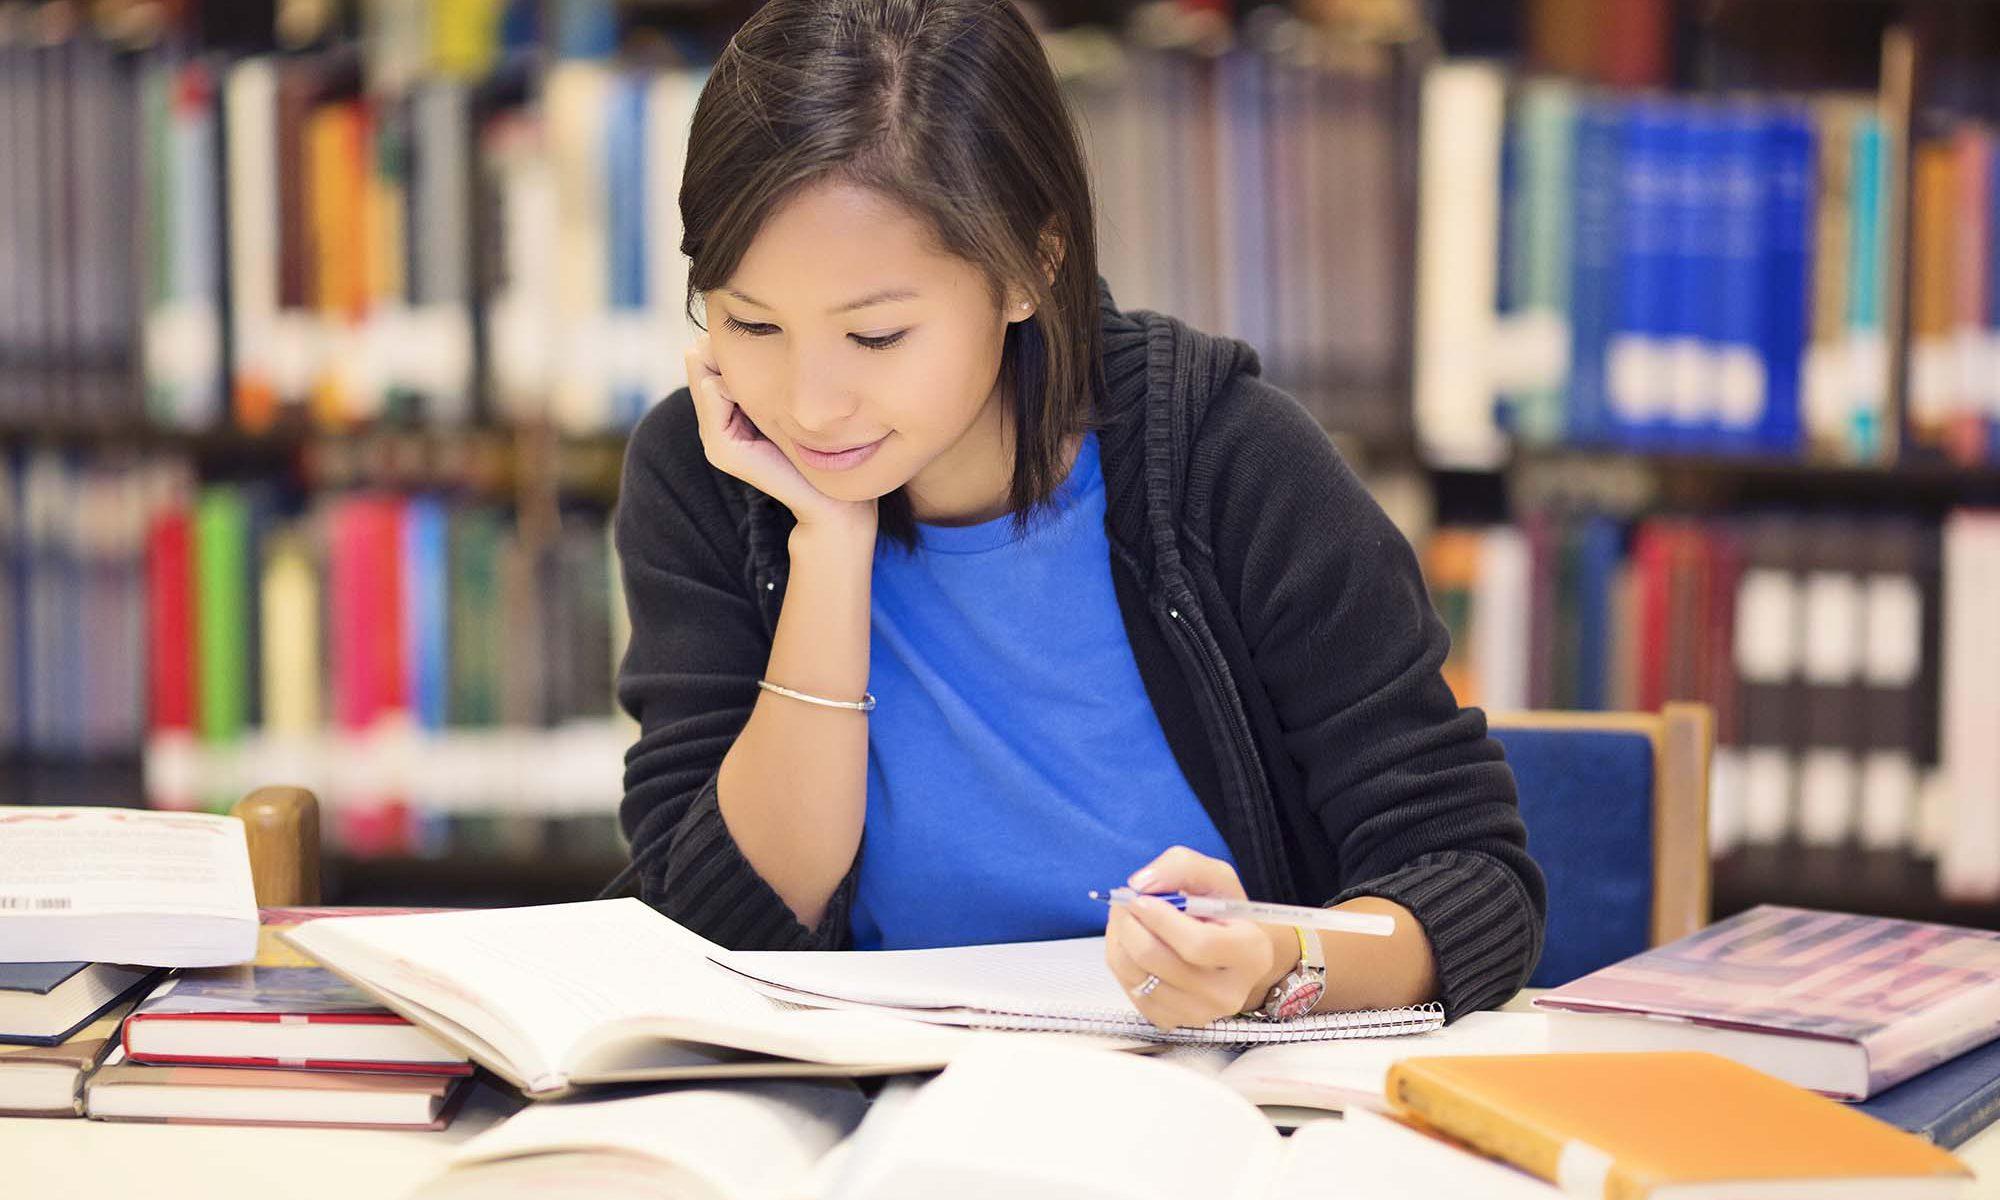 Mujer joven estudiando